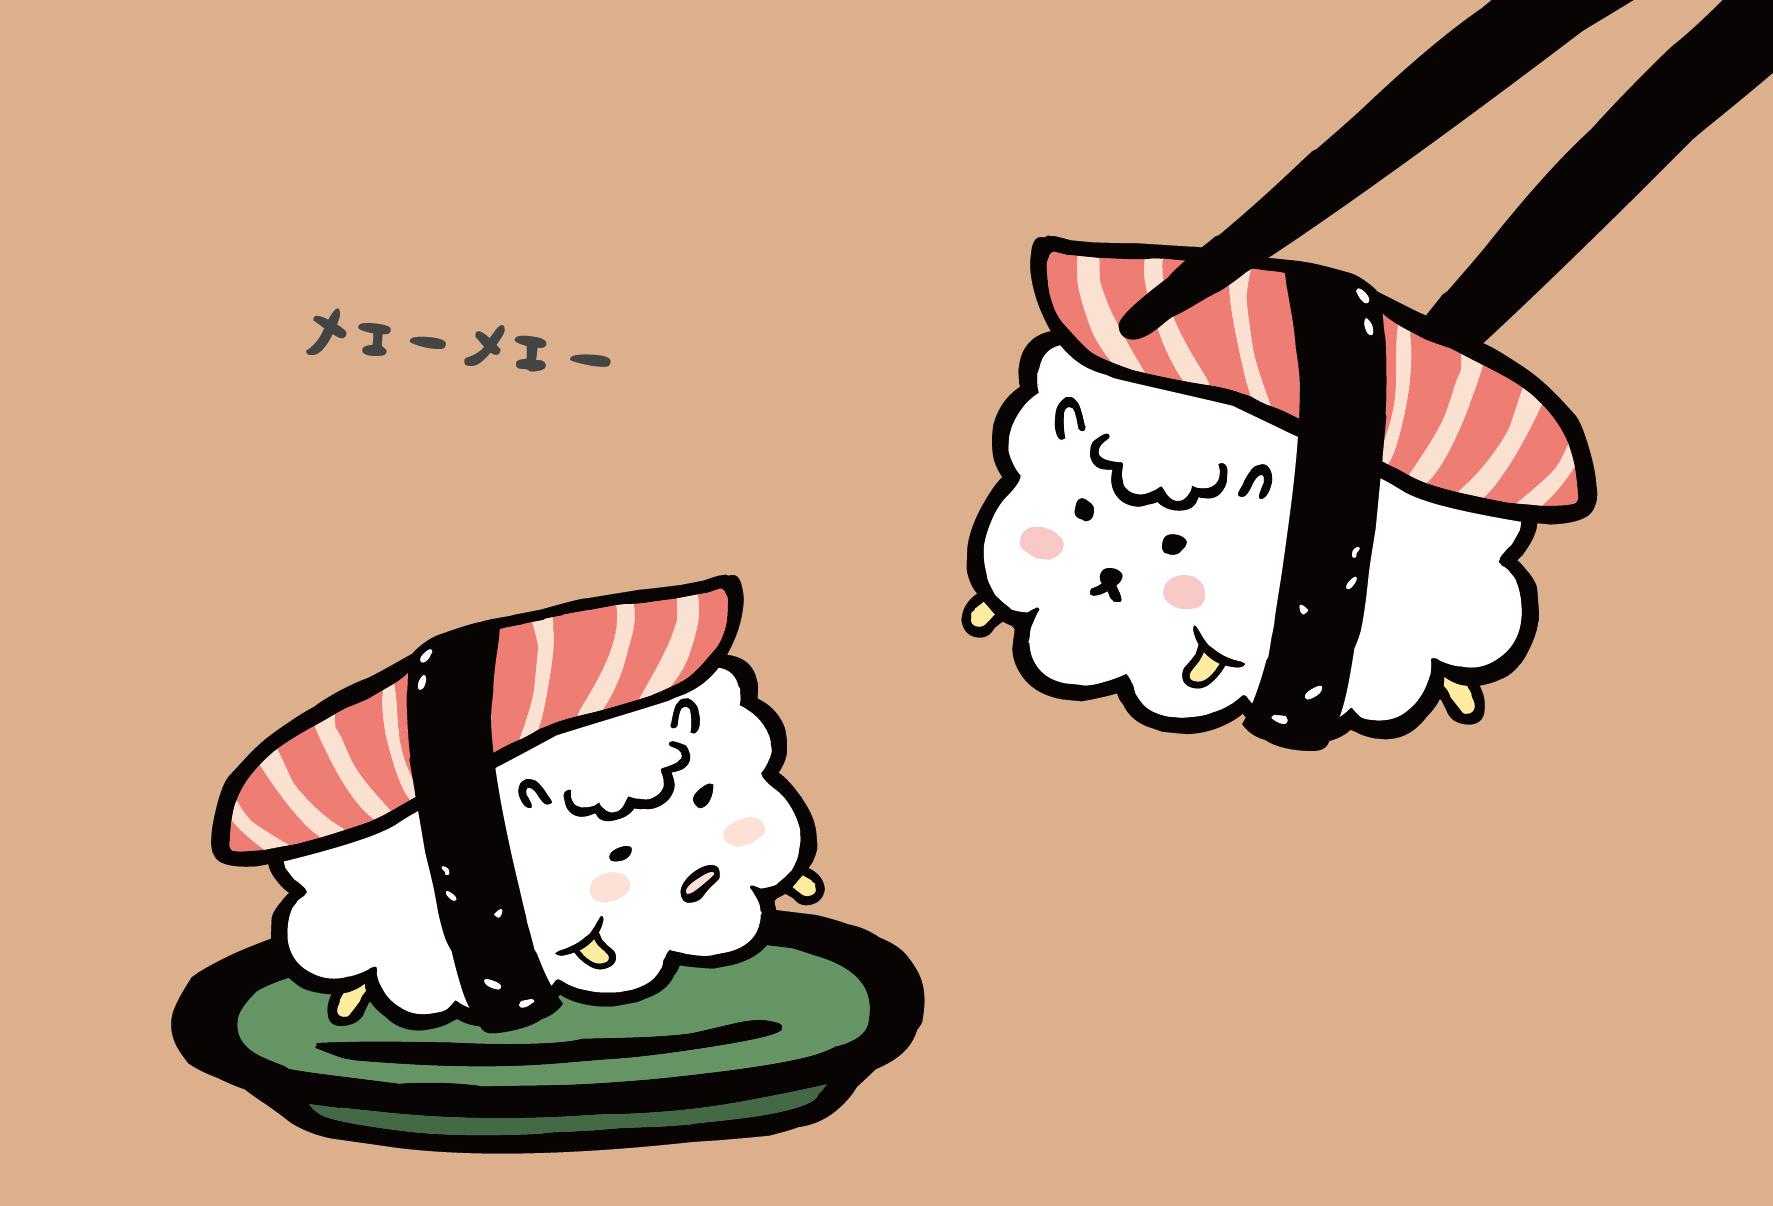 明信片100x148mm_sheep_04-01-01-01.jpg